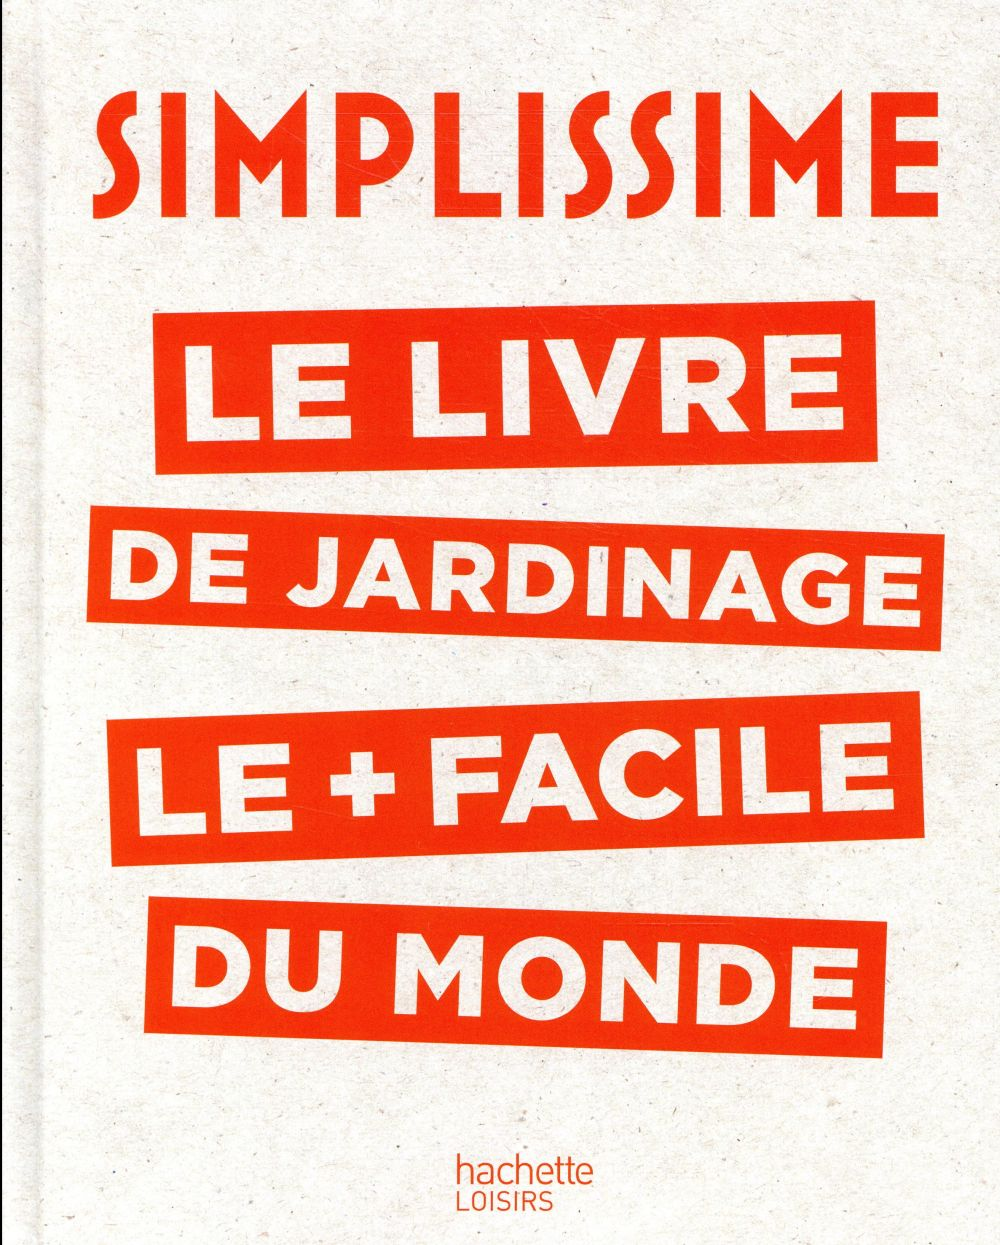 SIMPLISSIME - JARDINAGE - LE LIVRE DE JARDINAGE LE + FACILE DU MONDE  HACHETTE